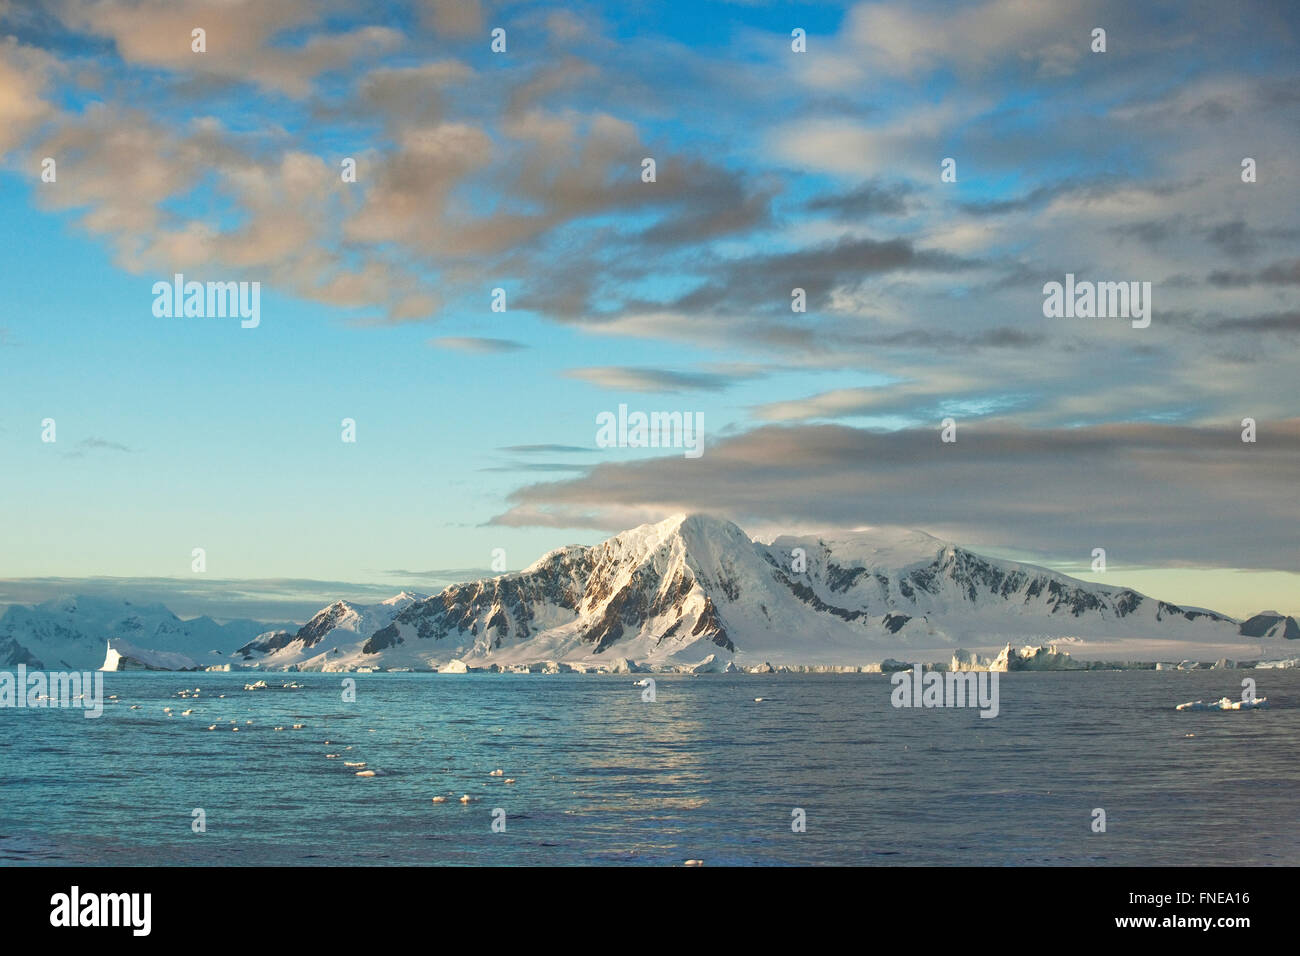 Snowy rocas en la luz de la mañana, turbia atmósfera, Península Antártica, en la Antártida Imagen De Stock